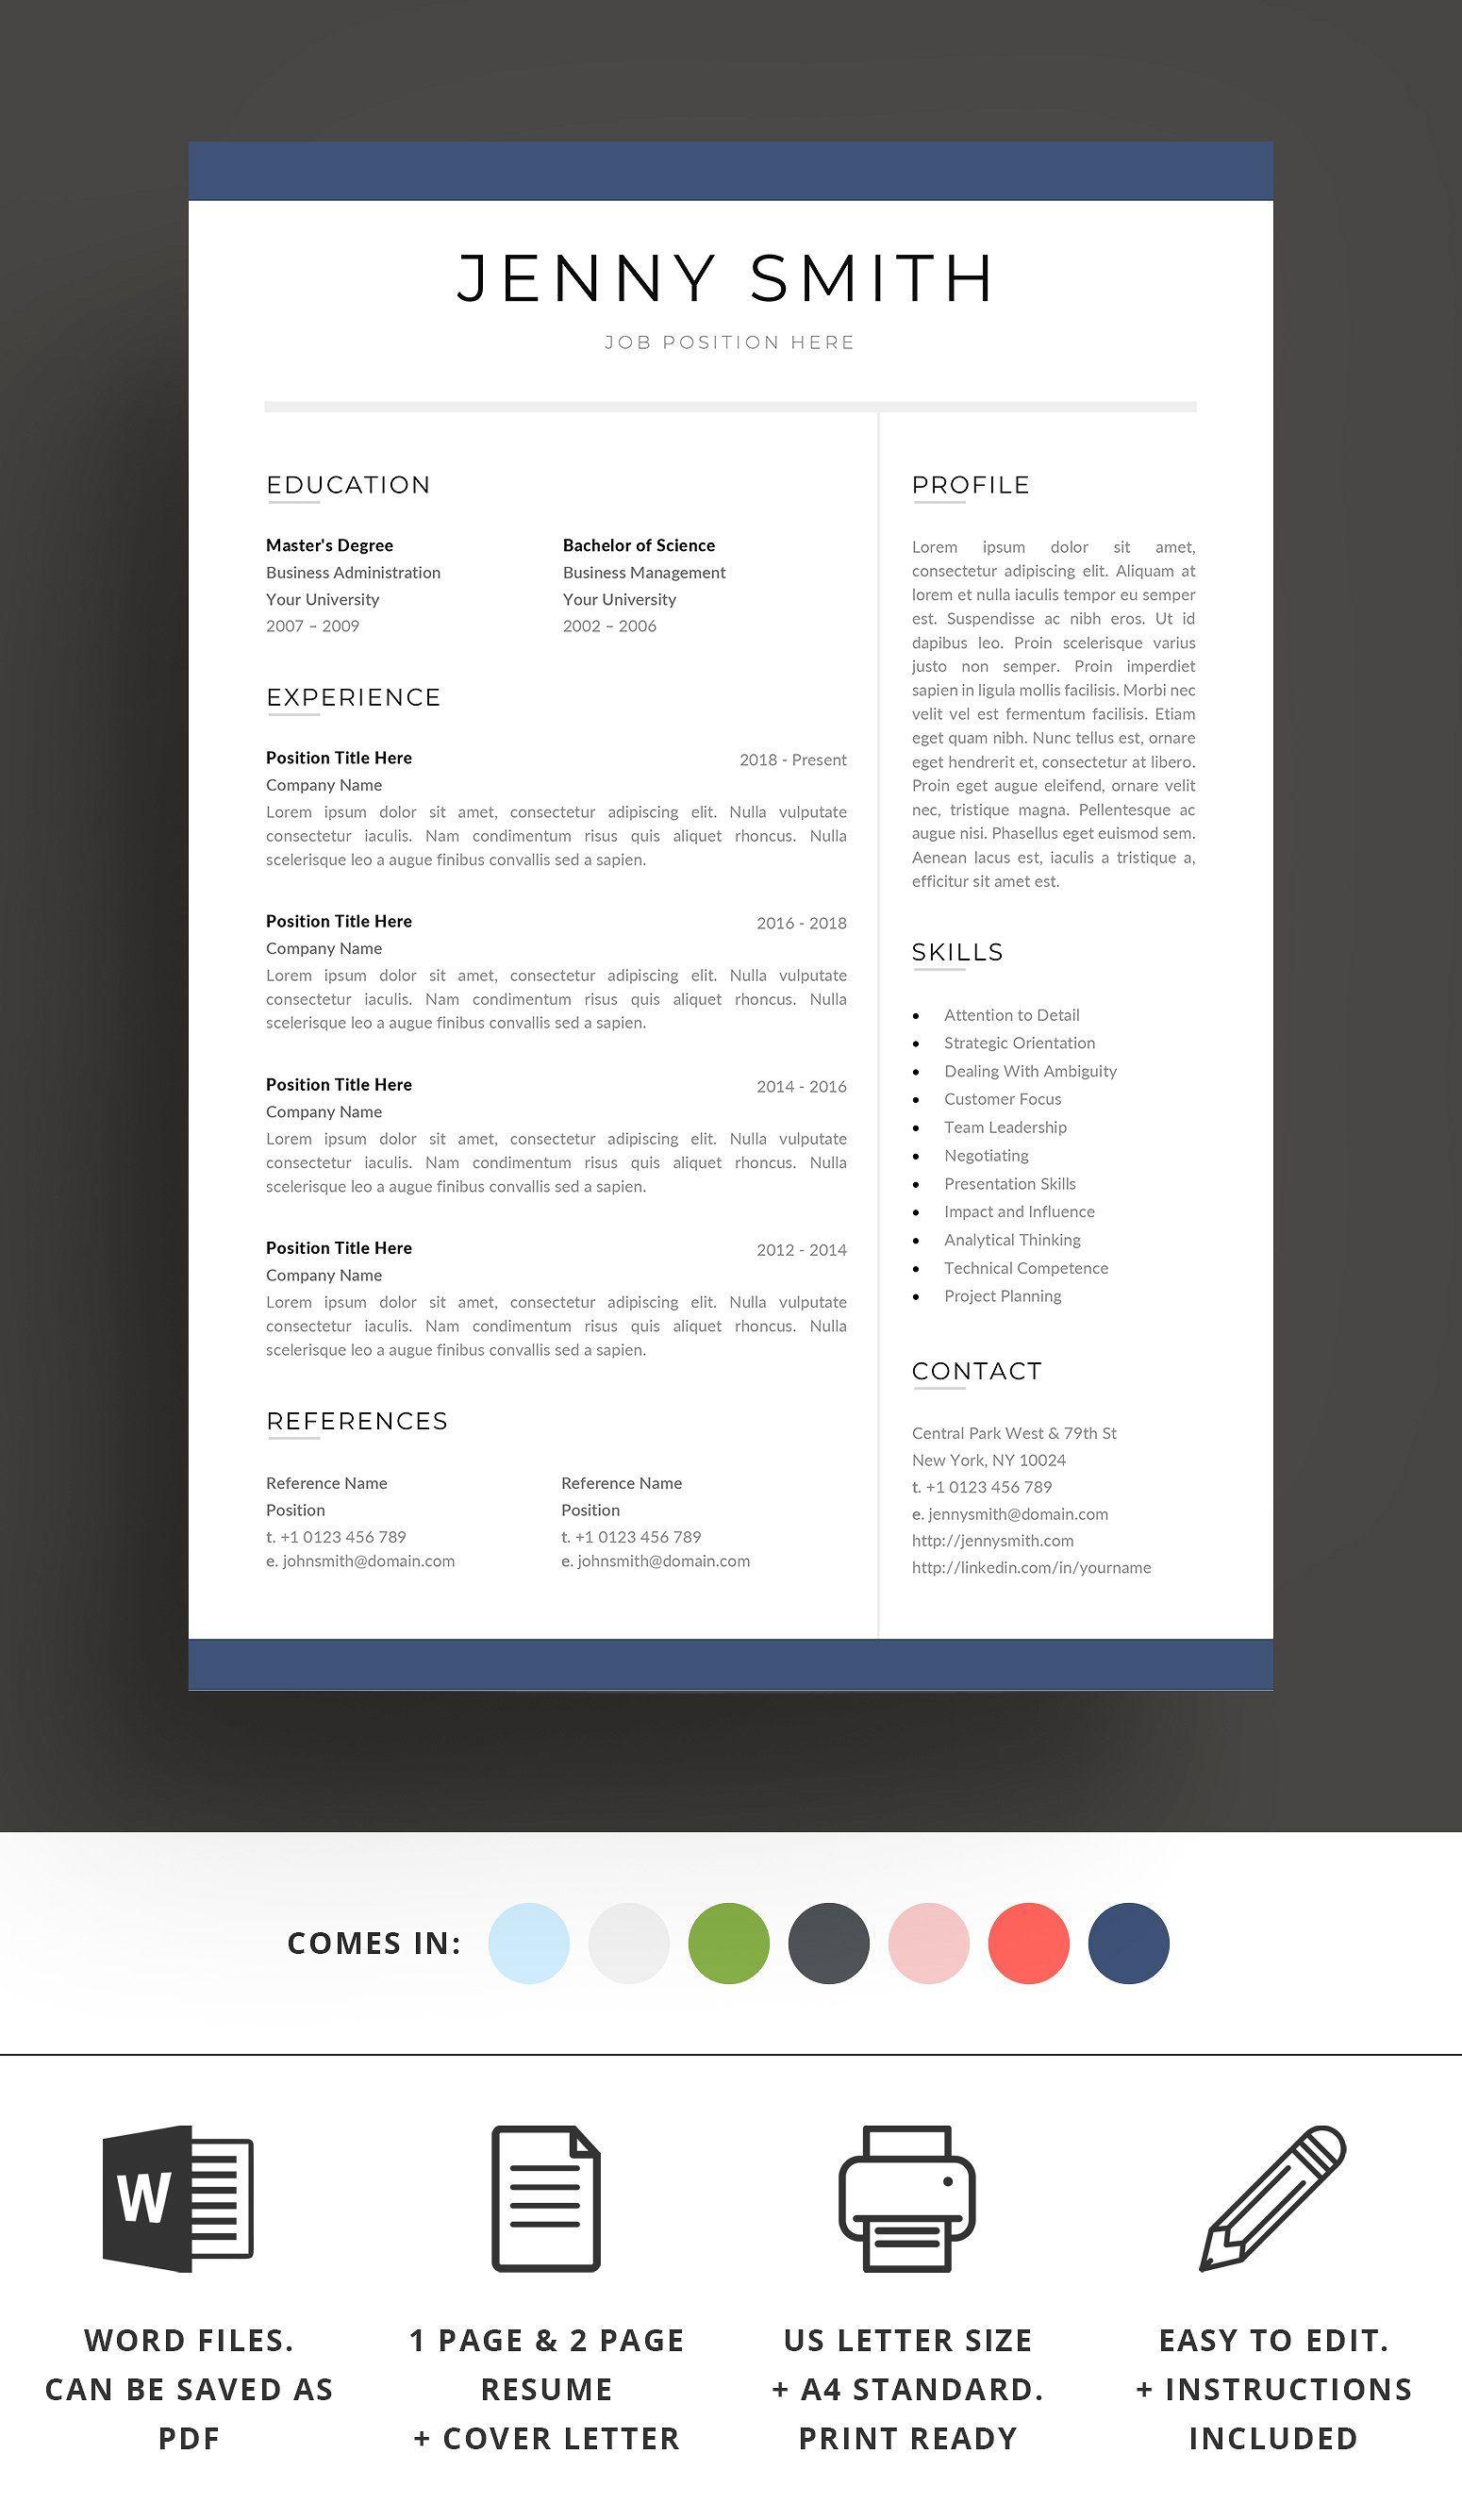 Resume Template Word Modern Clean Cv Resume Template Word Resume Design Template Resume Template